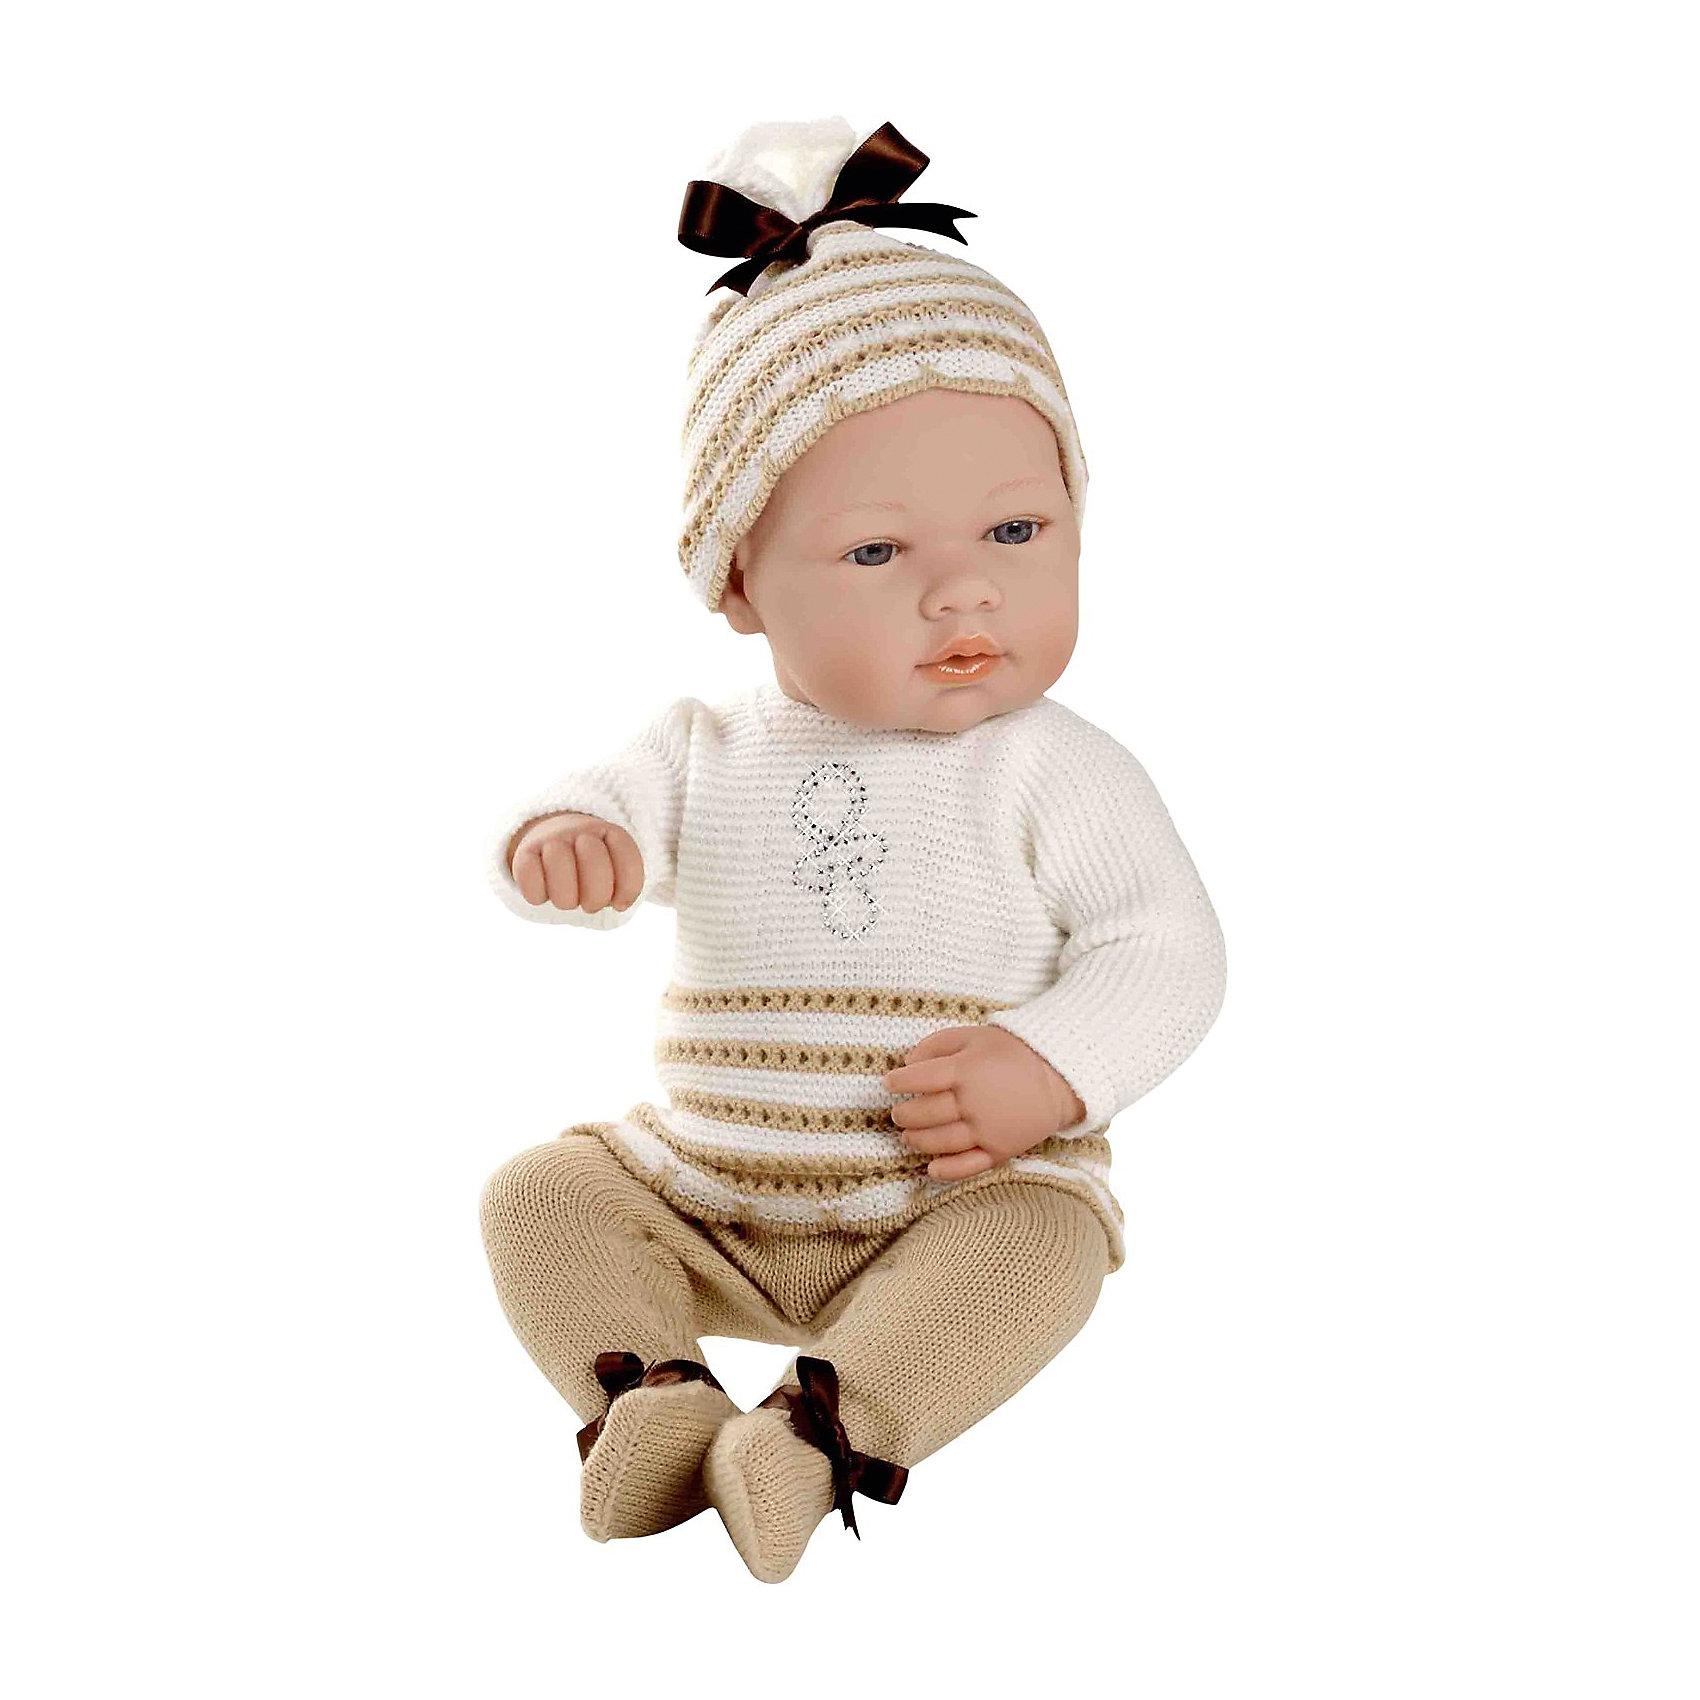 Пупс в бело-бежевом костюмчике со стразами Swarowski, 42см, AriasКуклы-пупсы<br>Характеристики:<br><br>• Вид игр: сюжетно-ролевые<br>• Пол: для девочек<br>• Коллекция: Elegance<br>• Материал: винил, текстиль<br>• Длина пупса: 42 см<br>• Комплектация: кукла, маечка, трусики, пинетки<br>• Подвижные ручки и ножки <br>• Вес в упаковке: 1 кг 100 г<br>• Размеры упаковки (Г*Ш*В): 20*20*50 см<br>• Упаковка: картонная коробка<br>• Особенности ухода: куклу можно купать, одежда – ручная стирка<br><br>Пупс в бело-бежевом костюмчике со стразами Swarowski , 42см, Arias изготовлен известным испанским торговым предприятием Munecas, который специализируется на выпуске кукол и пупсов. Пупсы и куклы Arias с высокой степенью достоверности повторяют облик маленьких детей, благодаря мельчайшим деталям внешнего вида и одежды игрушки выглядят мило и очаровательно. Пунс выполнен из винила, у него подвижные ручки и ножки, четко прорисованные глаза и брови, курносый носик и пухленькие губки. Комплект одежды состоит из маечки и трусиков, выполненных ажурной вязкой белого и бежевого цветов. Маечка оформлена бантиком, выложенным стразами. На ножках у пупса – пинетки, на голове – чепчик. Пупс в бело-бежевом костюмчике со стразами Swarowski , 42см, Arias станет идеальным подарком для девочки к любому празднику.<br><br>Пупса в бело-бежевом костюмчике со стразами Swarowski , 42см, Arias можно купить в нашем интернет-магазине.<br><br>Ширина мм: 480<br>Глубина мм: 170<br>Высота мм: 260<br>Вес г: 1767<br>Возраст от месяцев: 36<br>Возраст до месяцев: 120<br>Пол: Женский<br>Возраст: Детский<br>SKU: 5355553